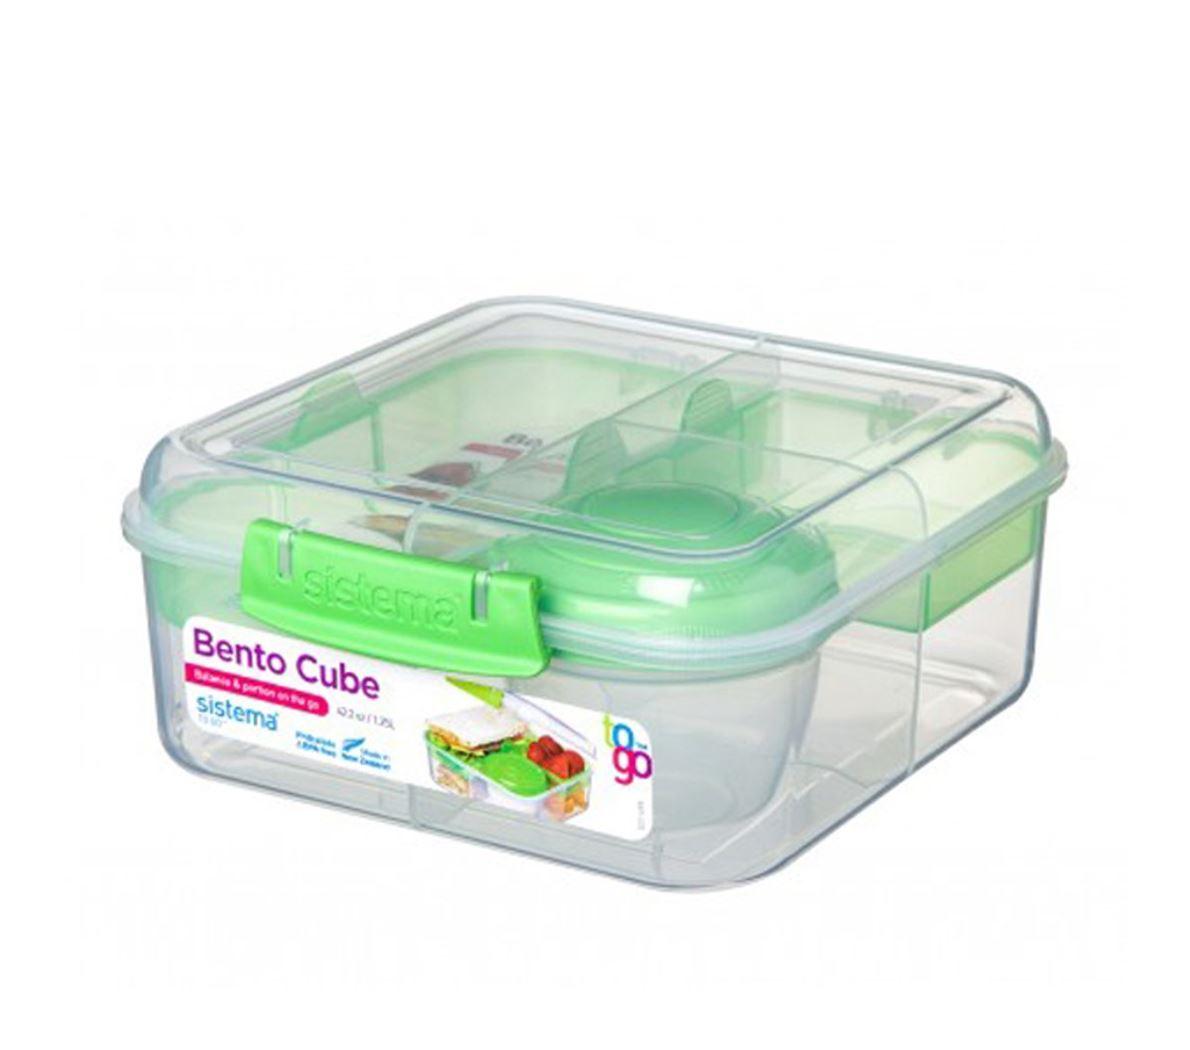 sistema to go bento cube 4 compartimenten & yoghurtpotje (4ass.)